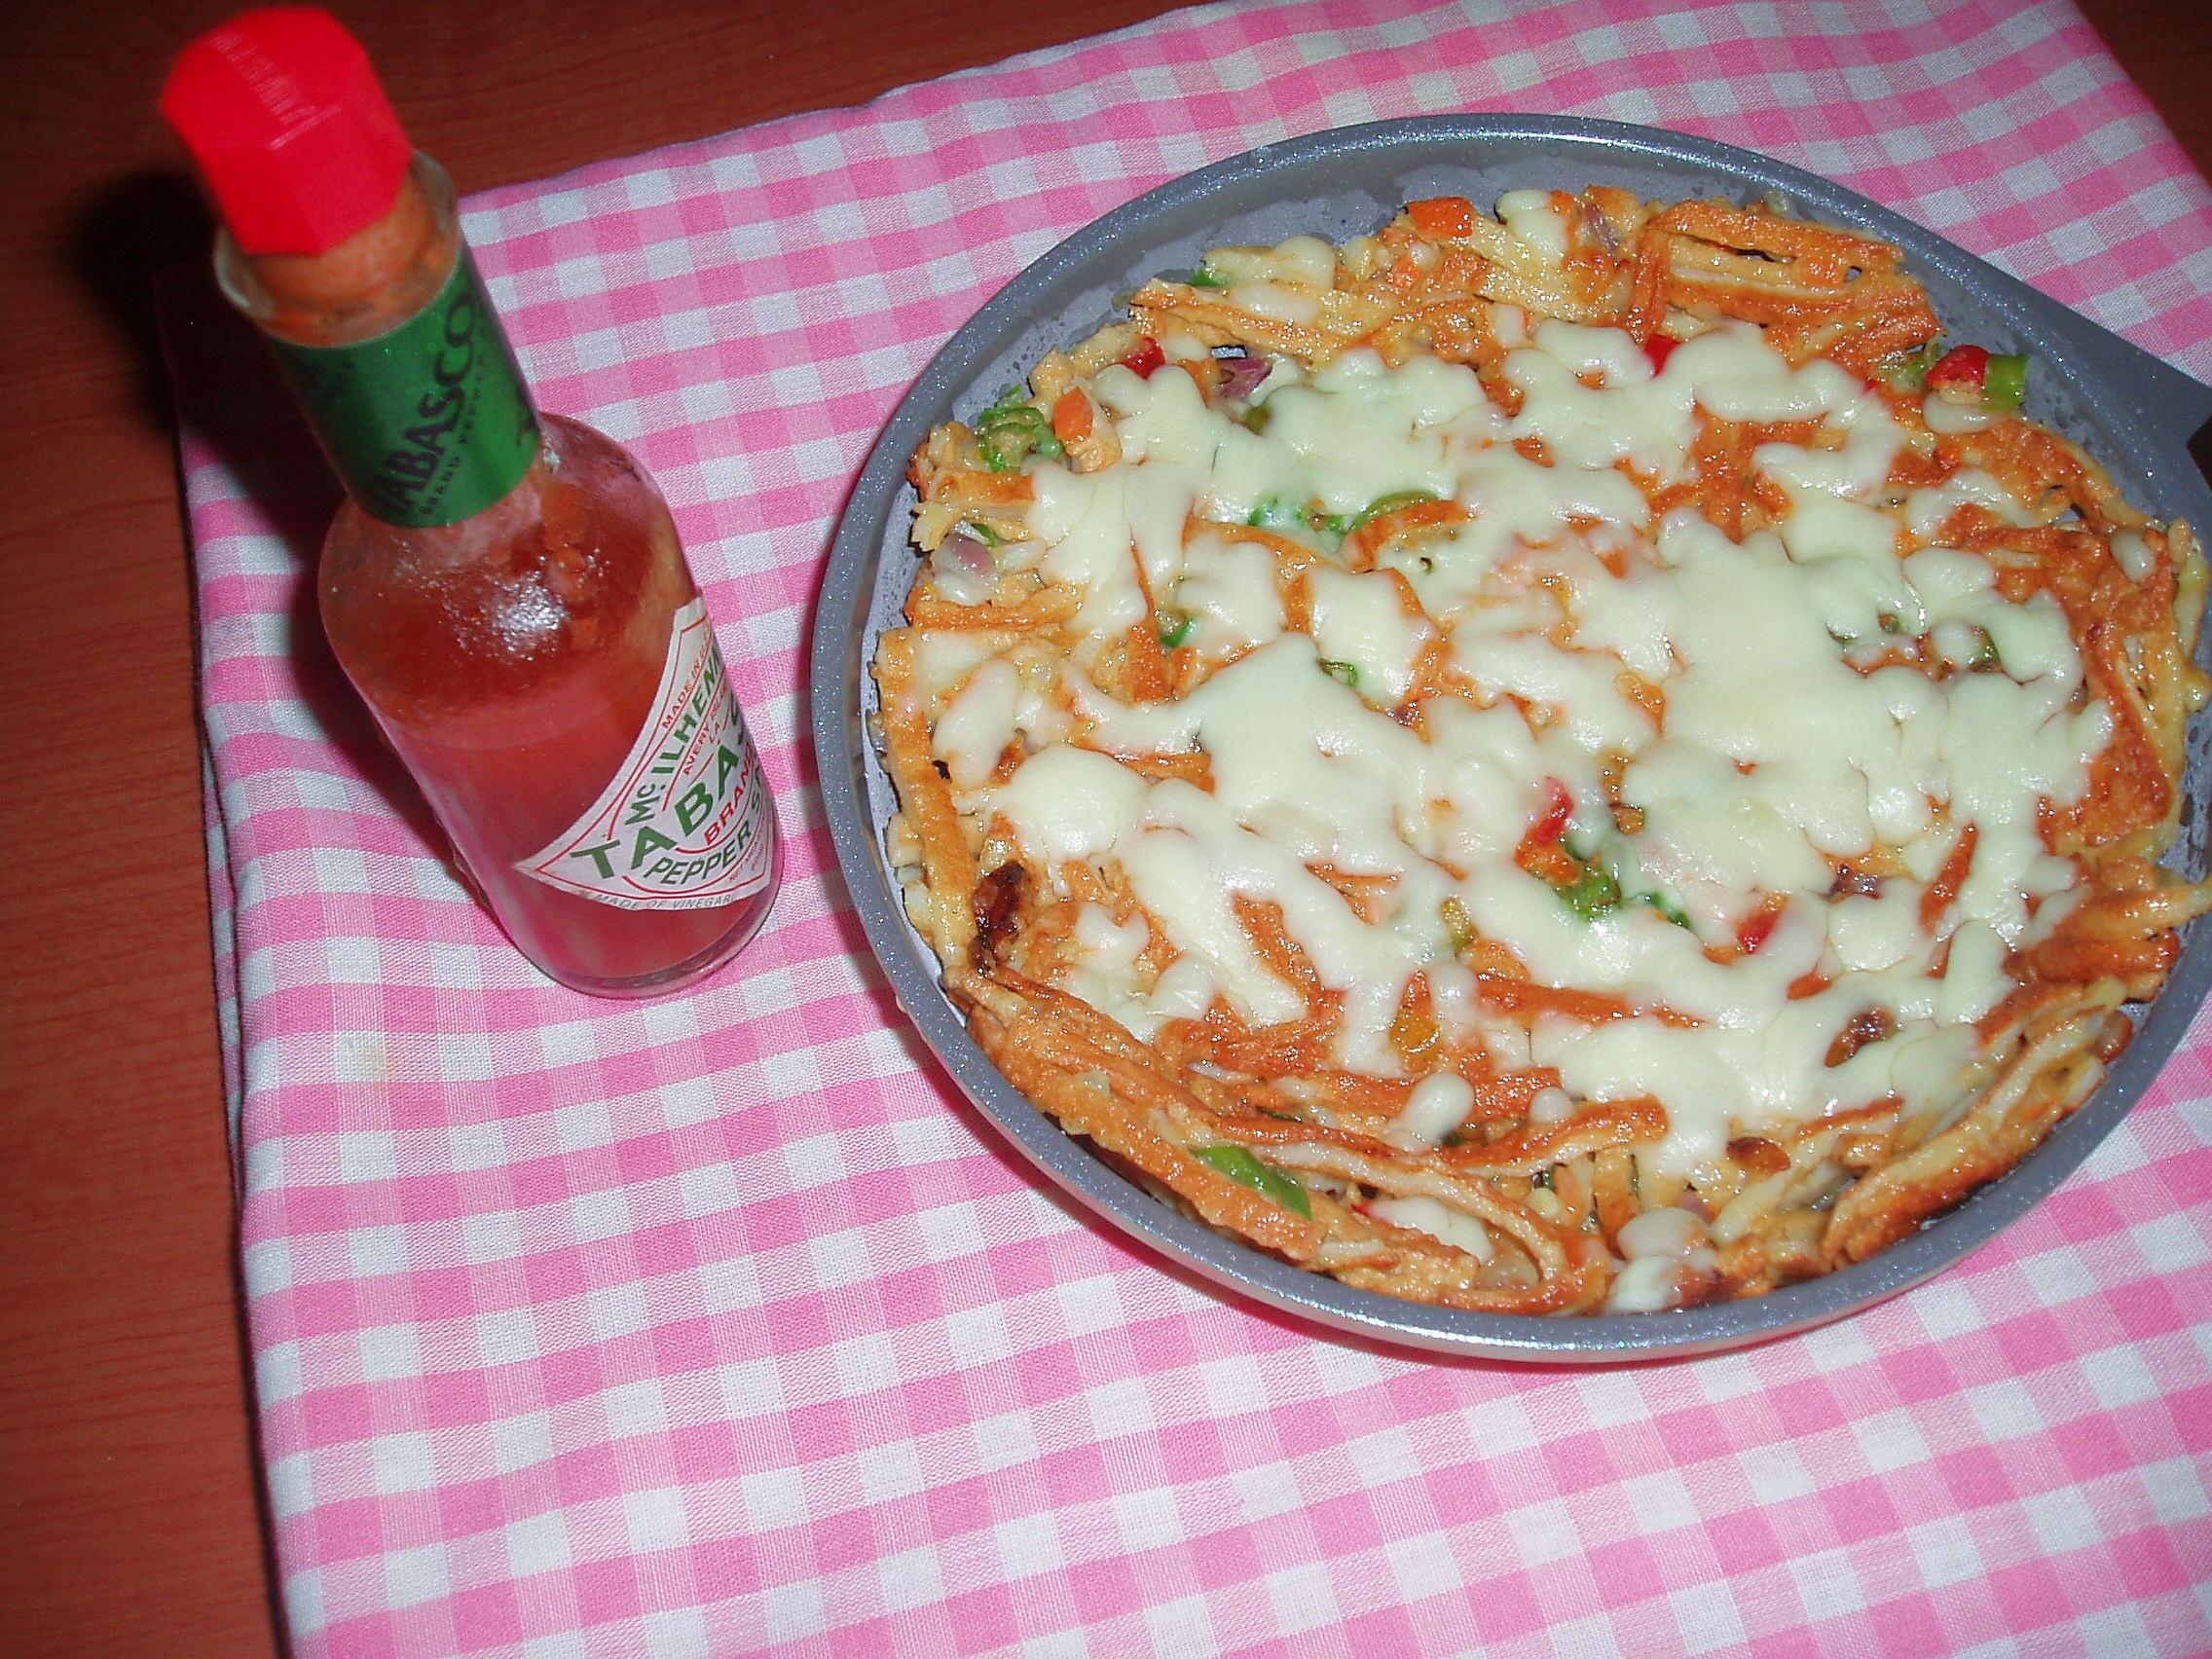 어묵을 전으로 부쳐 피자치즈 올려 구운 어묵전 피자 완성 이미지...